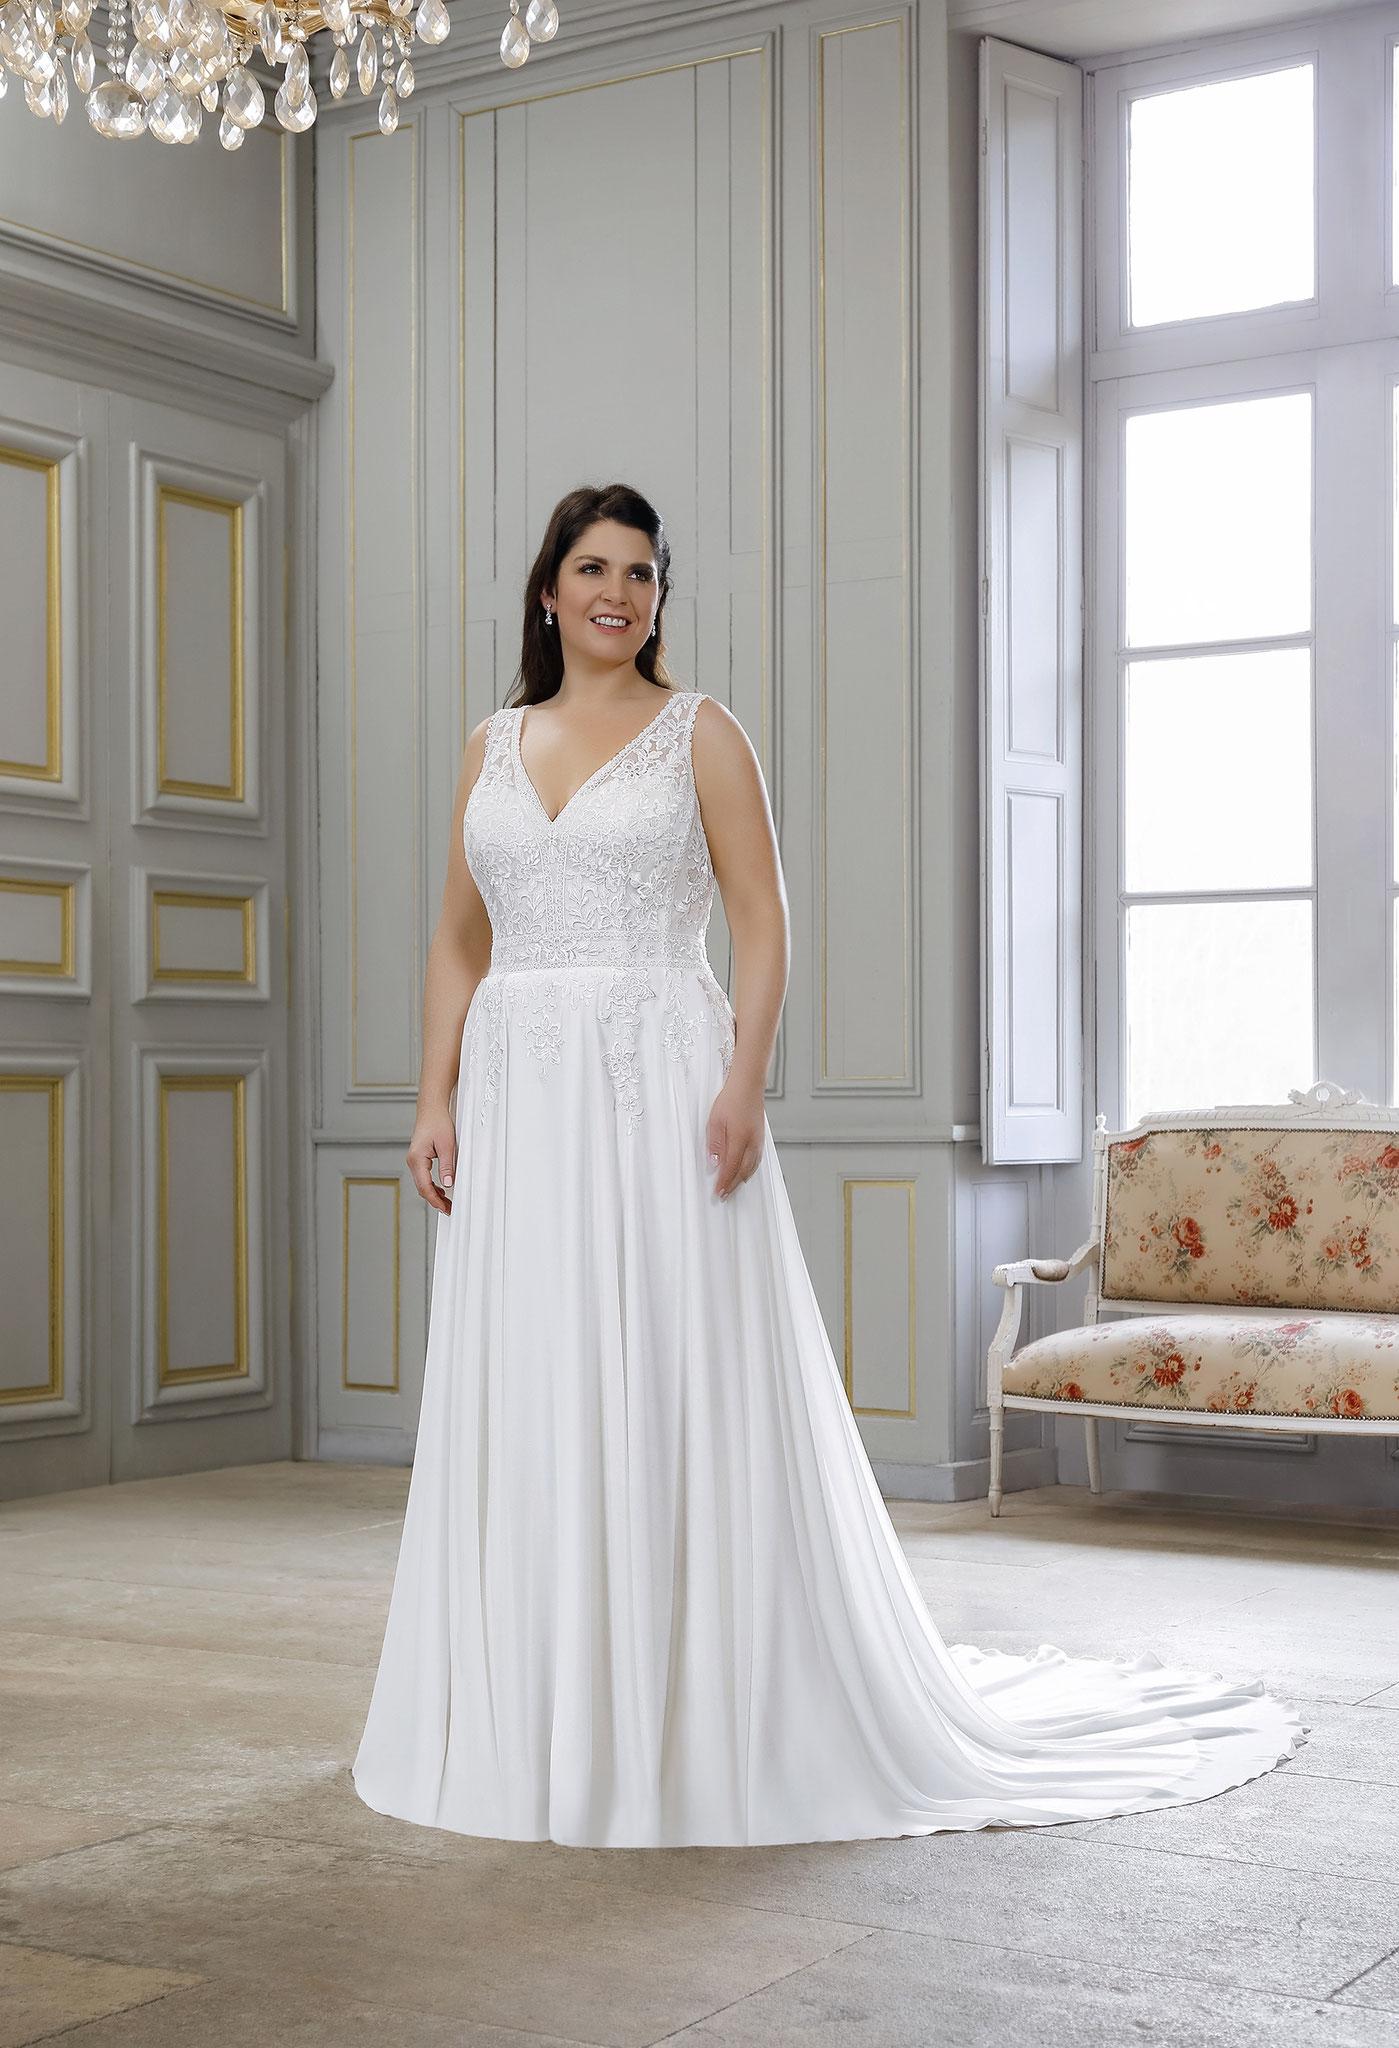 myLovely München Boho Brautkleid Amelie Vintage Sommer fließend leicht XXXXL ivory offener Rücken Bride